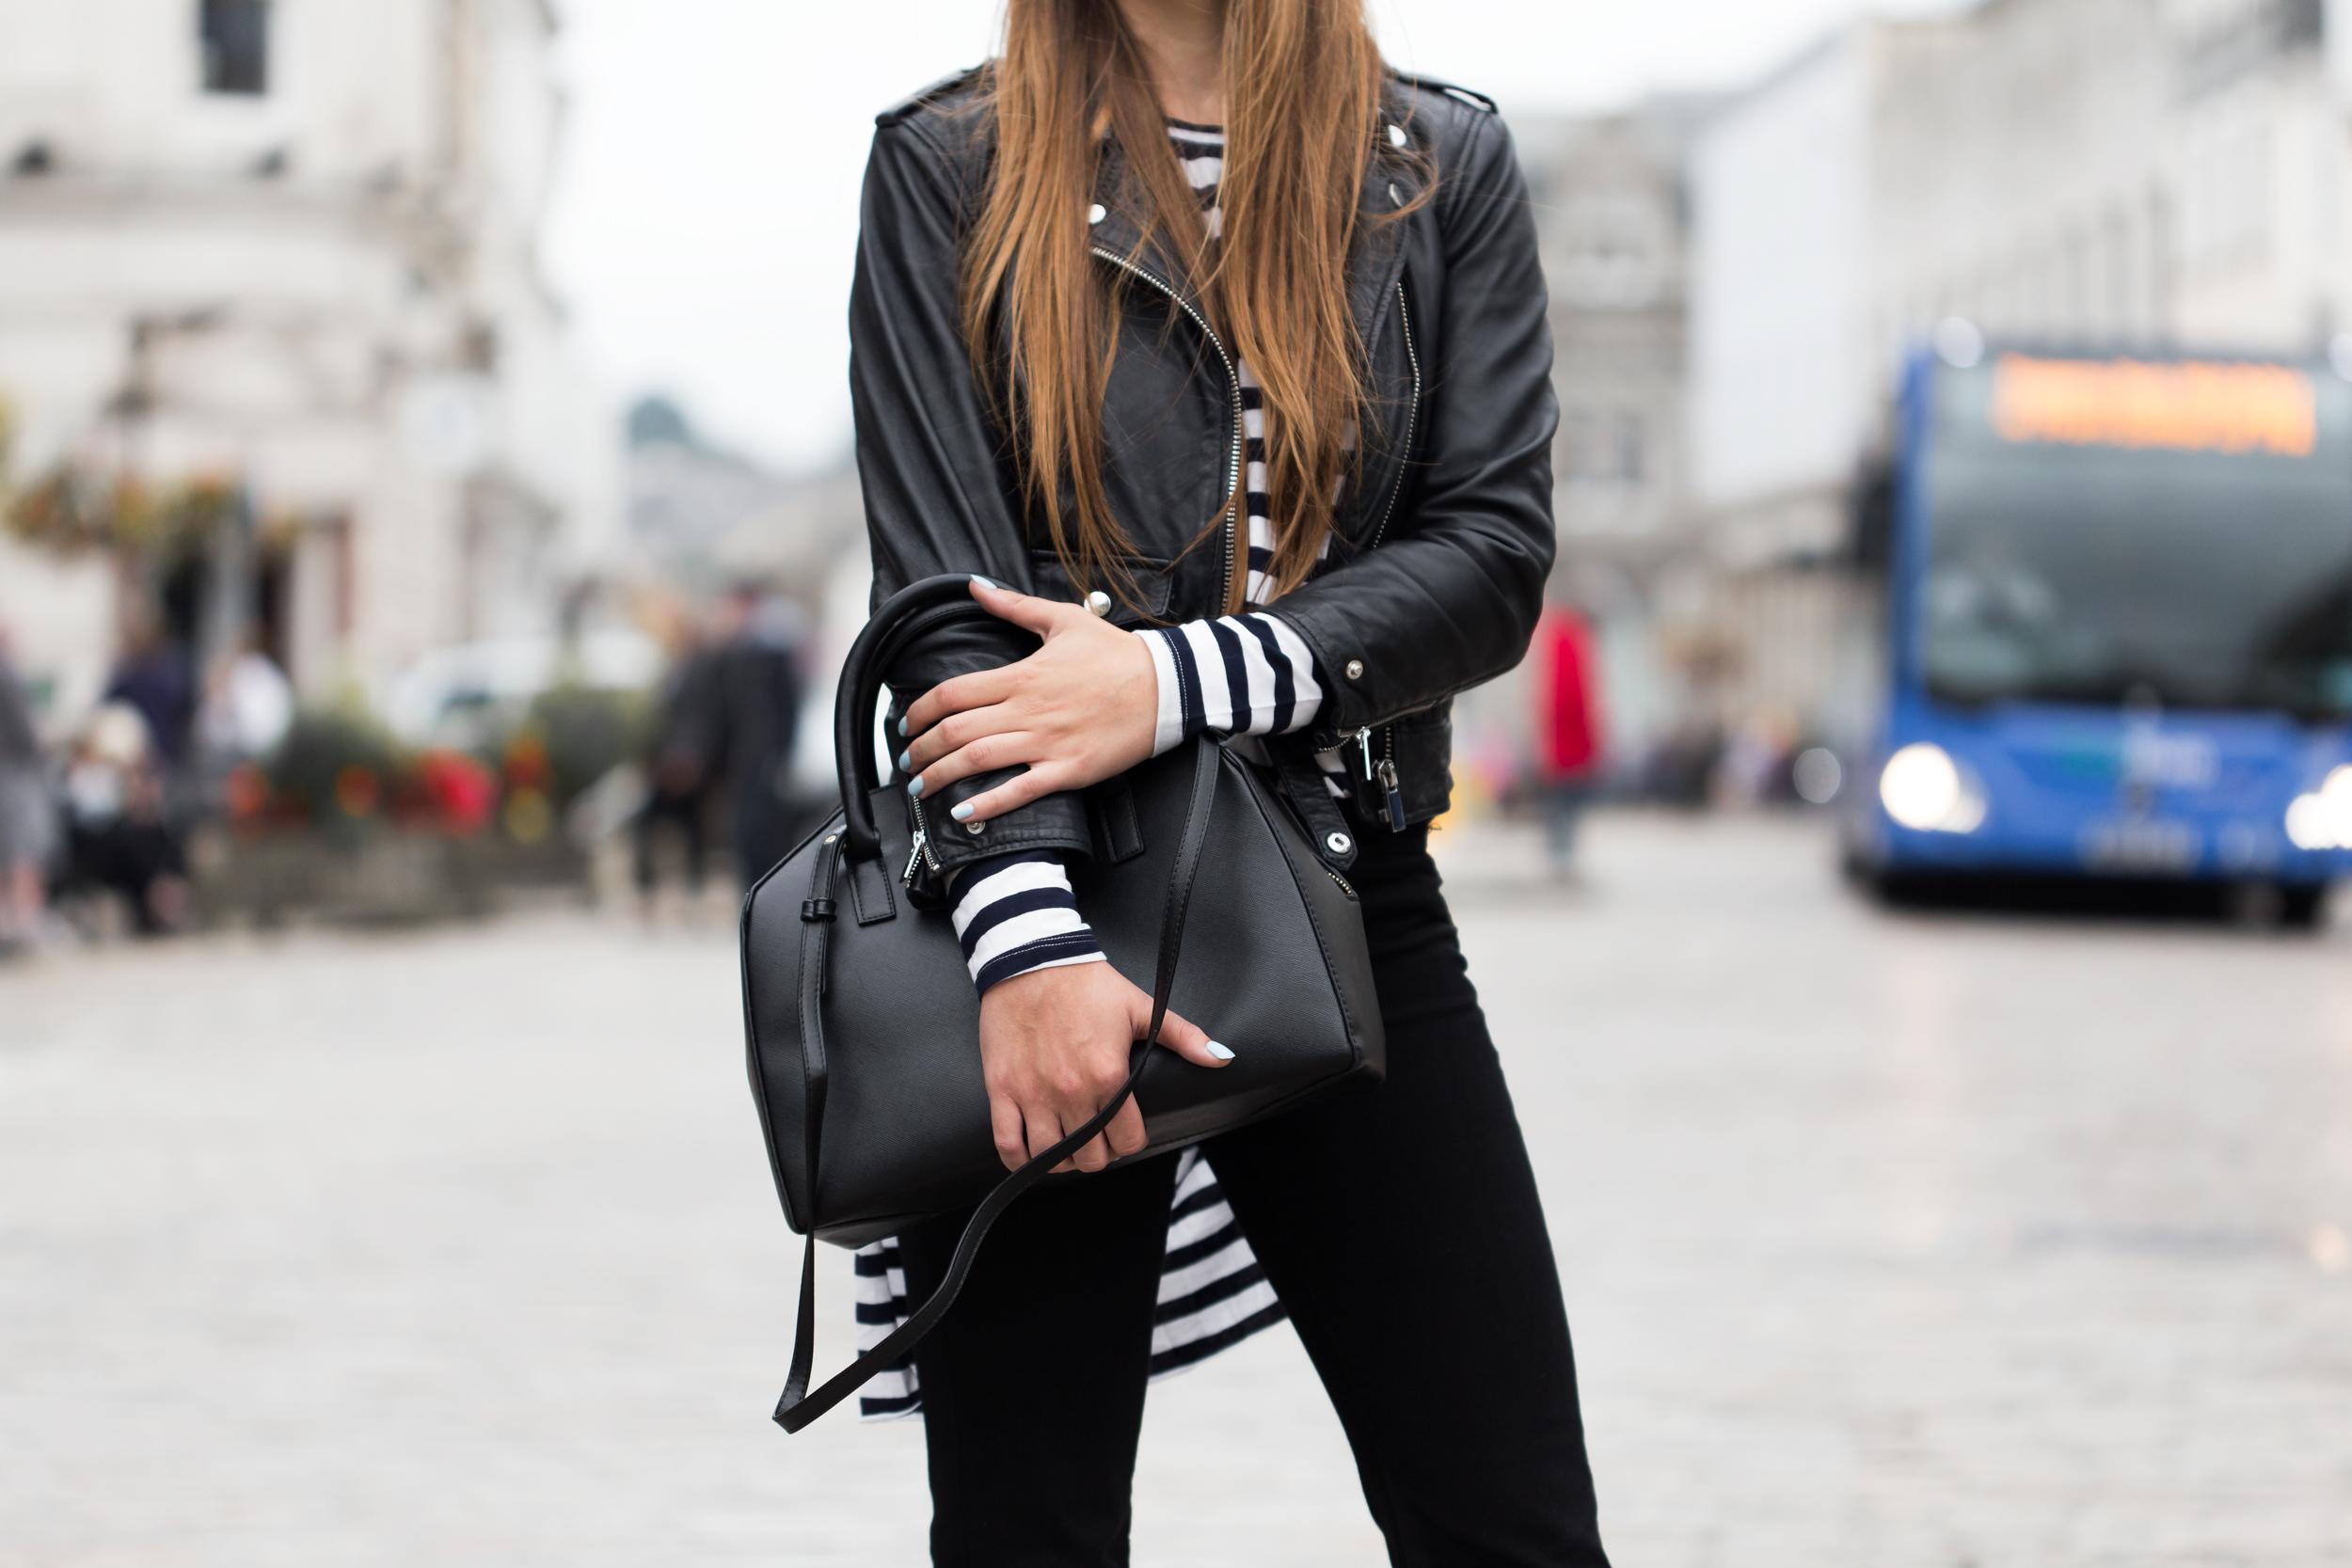 UK Fashion and Lifestyle blogger